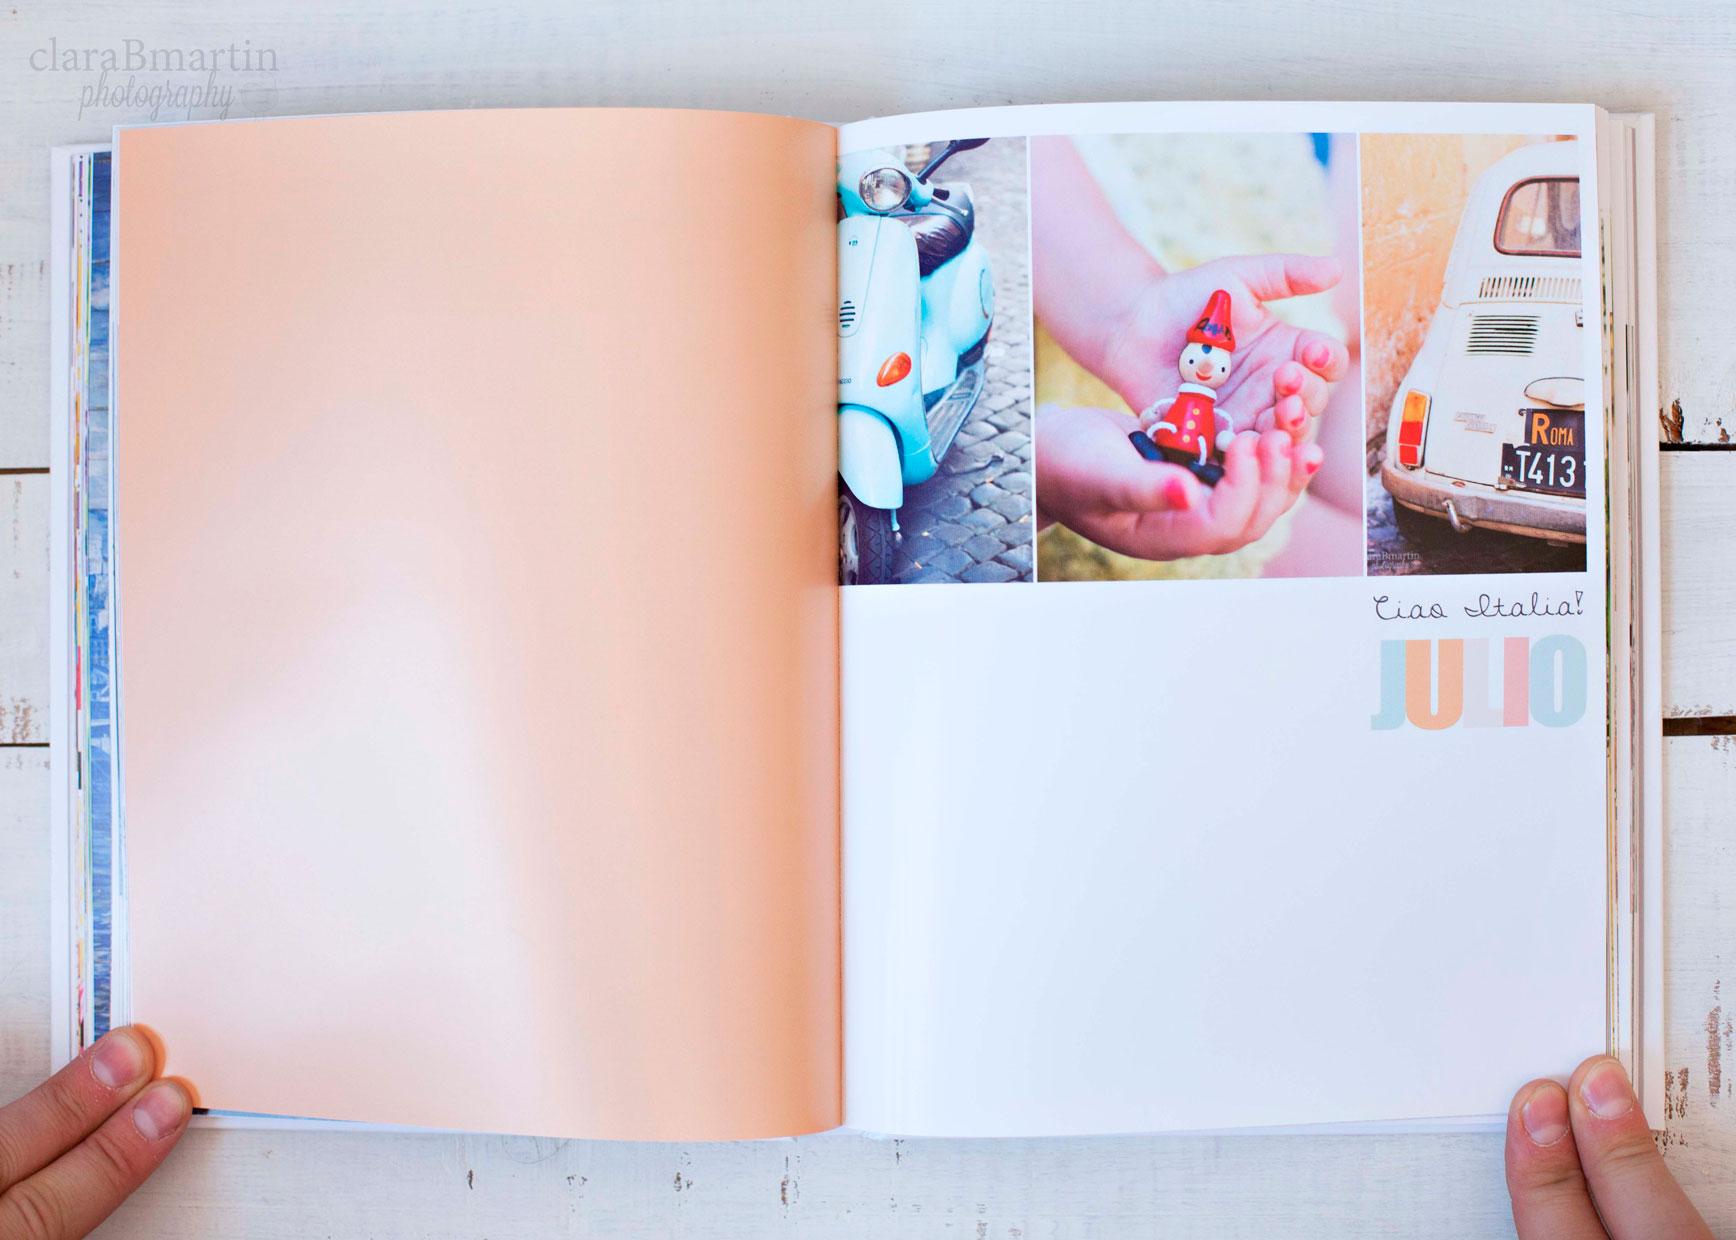 Nuestro libro del 2013